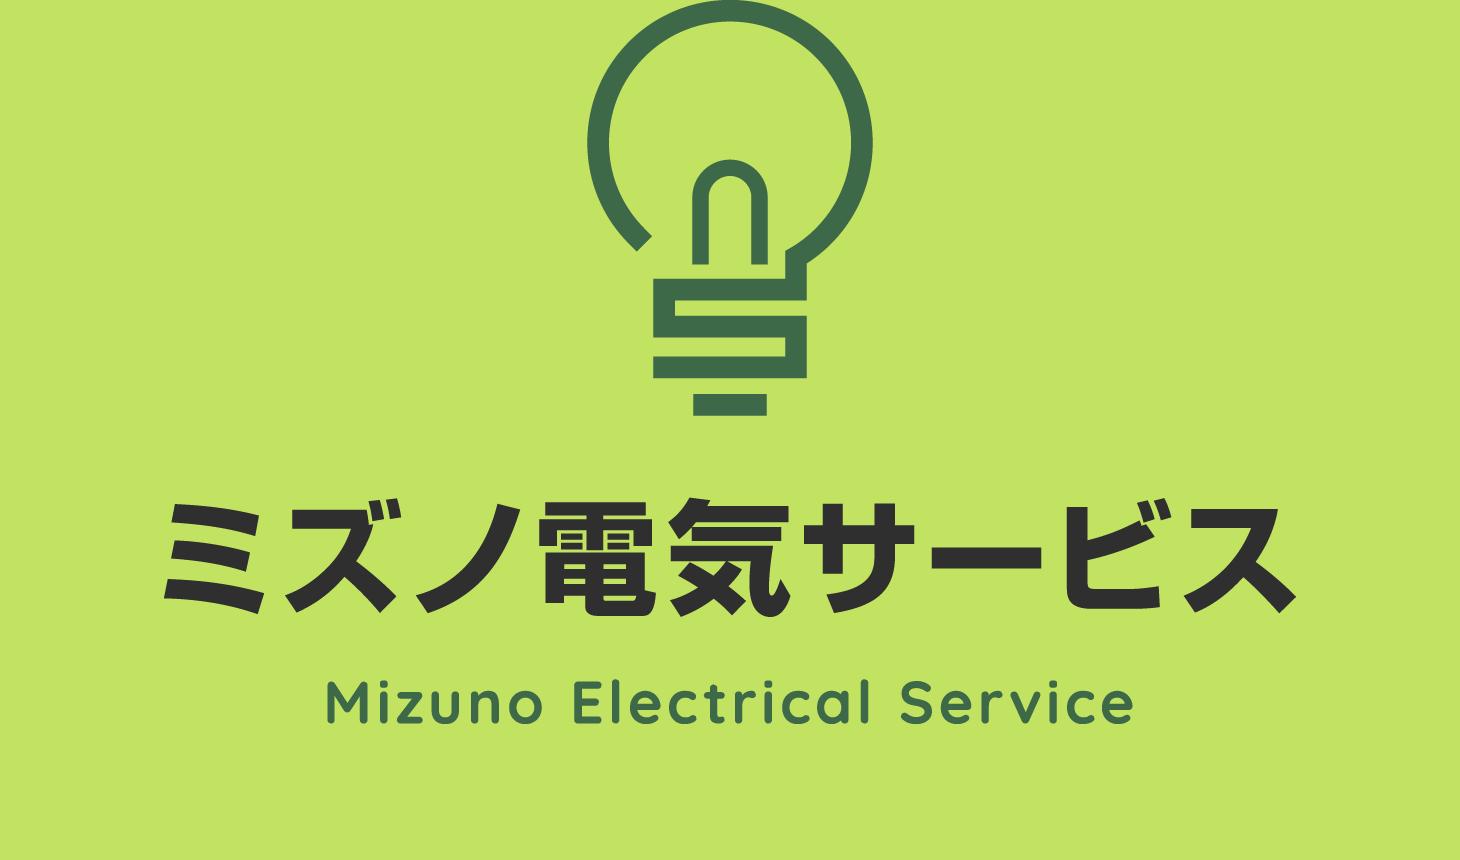 岐阜県羽島市の電気トラブル、電気工事|ミズノ電気サービス